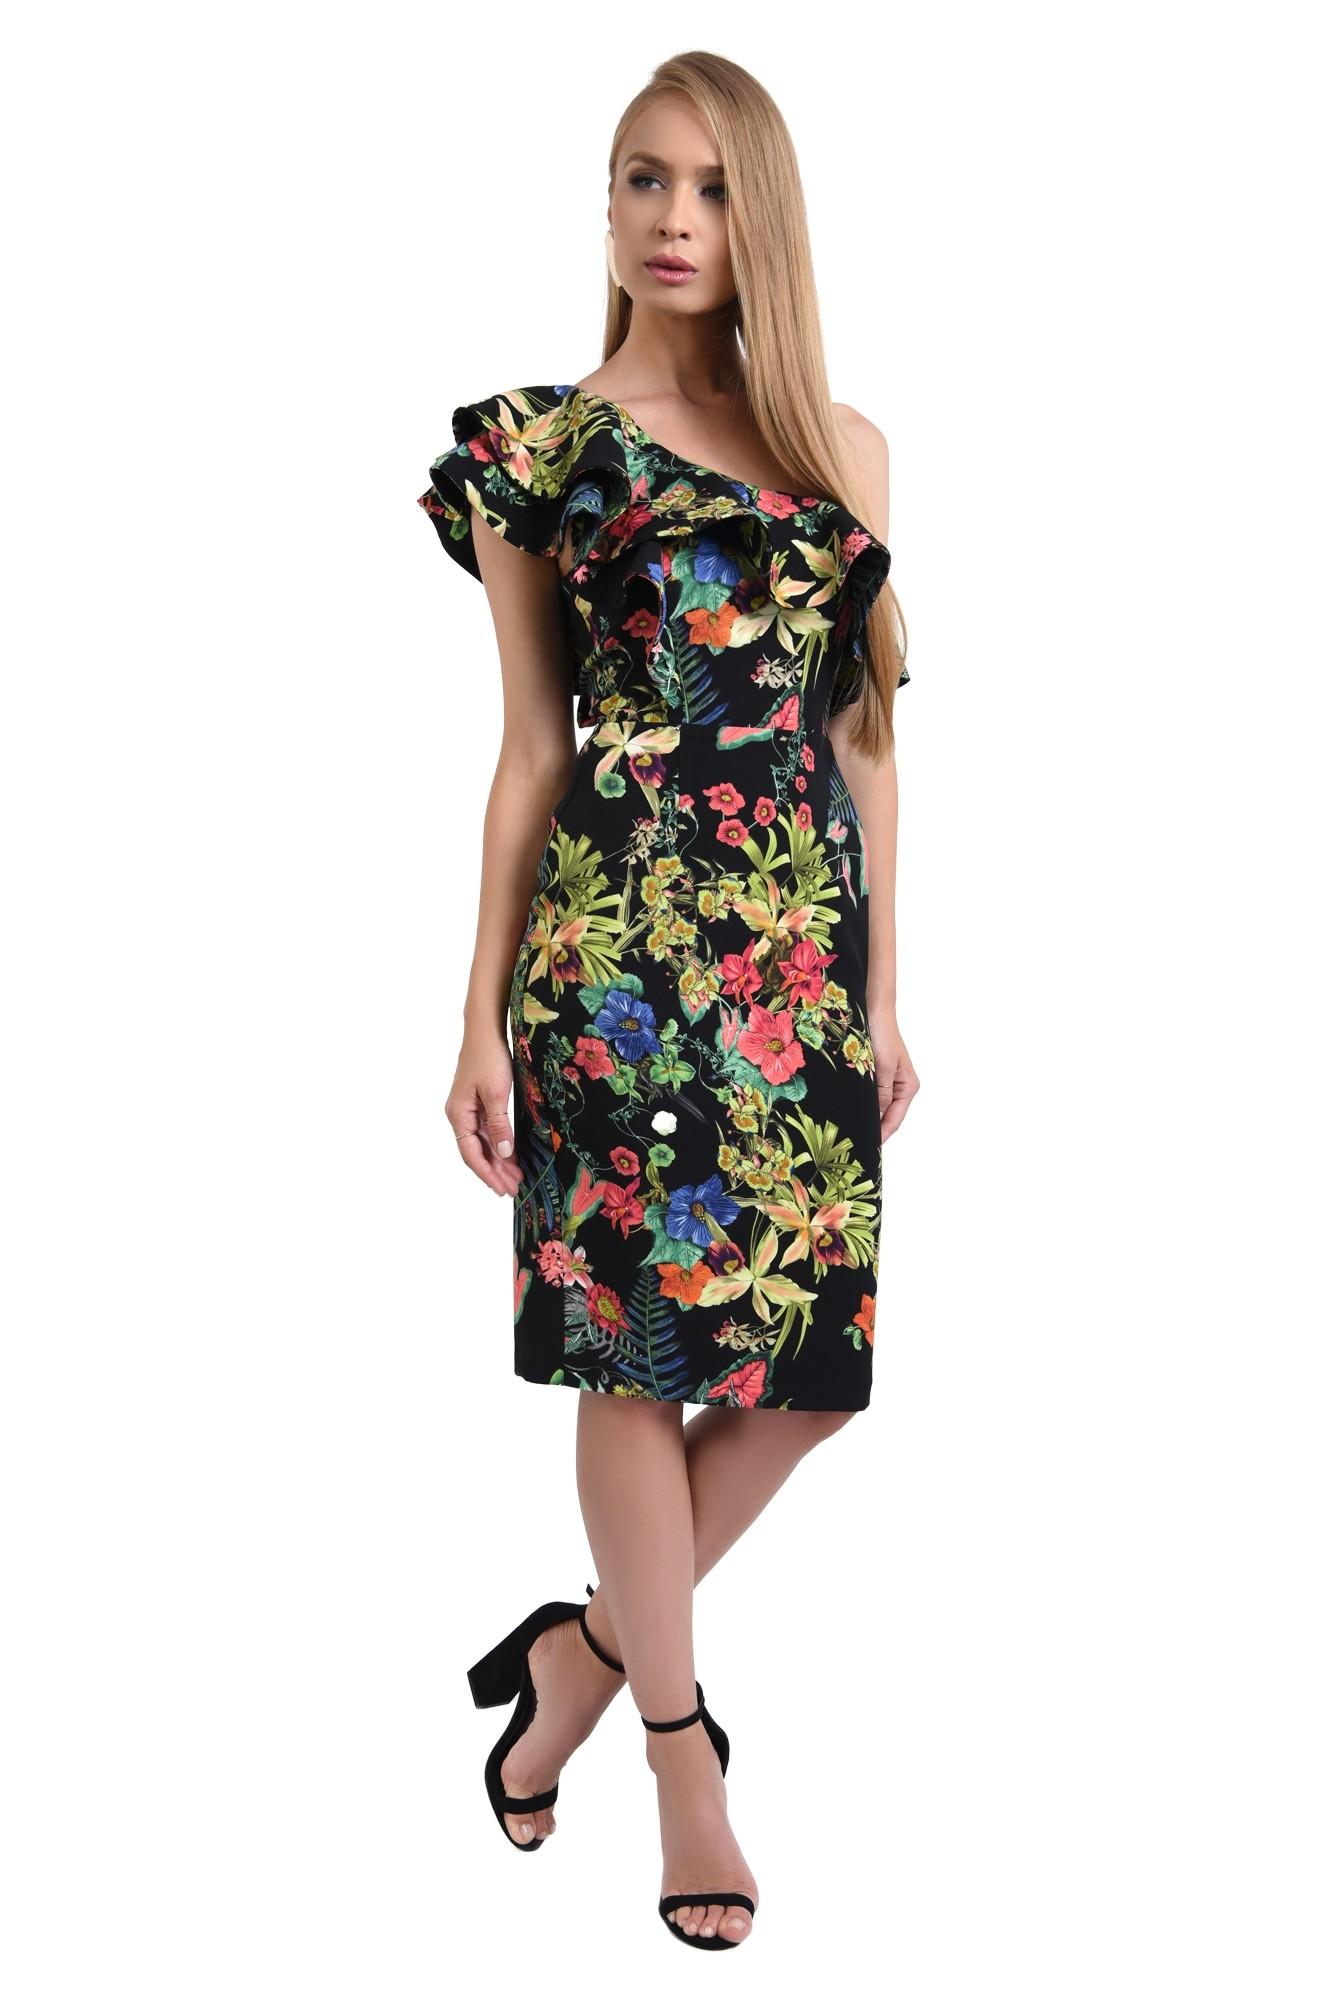 360 - rochii online, rochie cambrata, cu flori, umar dezgolit